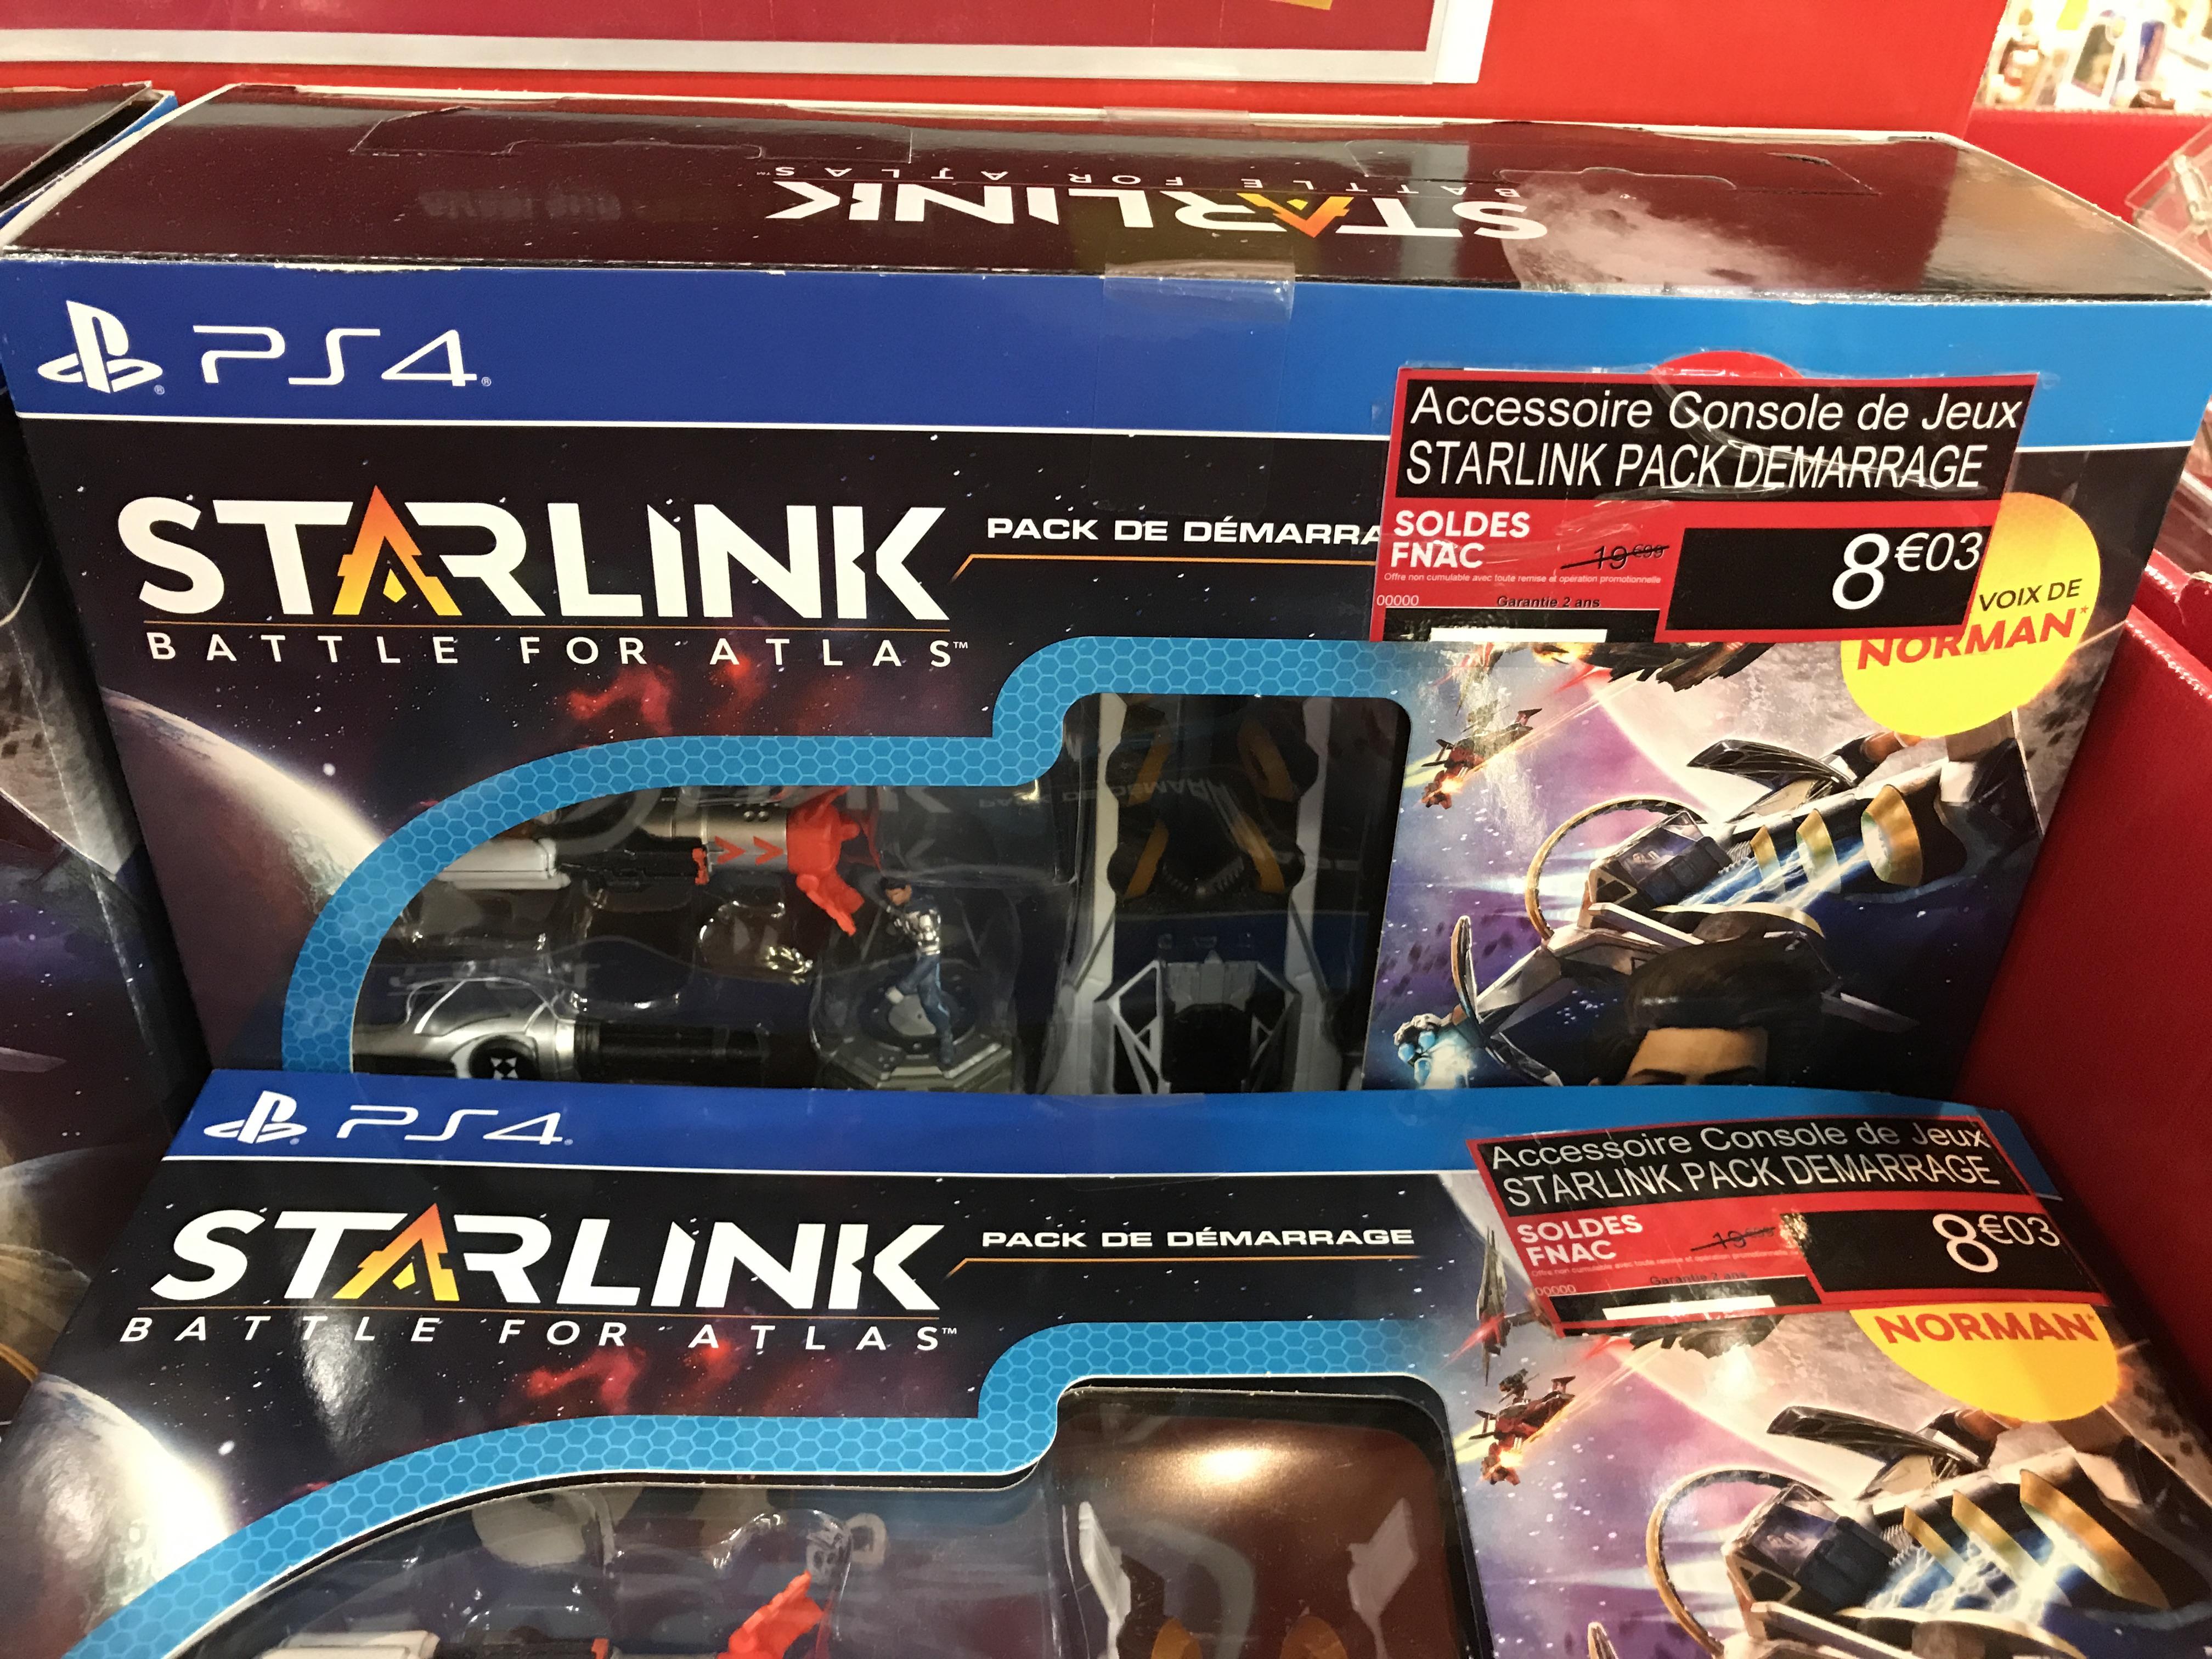 Pack de démarrage Starlink sur PS4 - Gennevilliers (92)